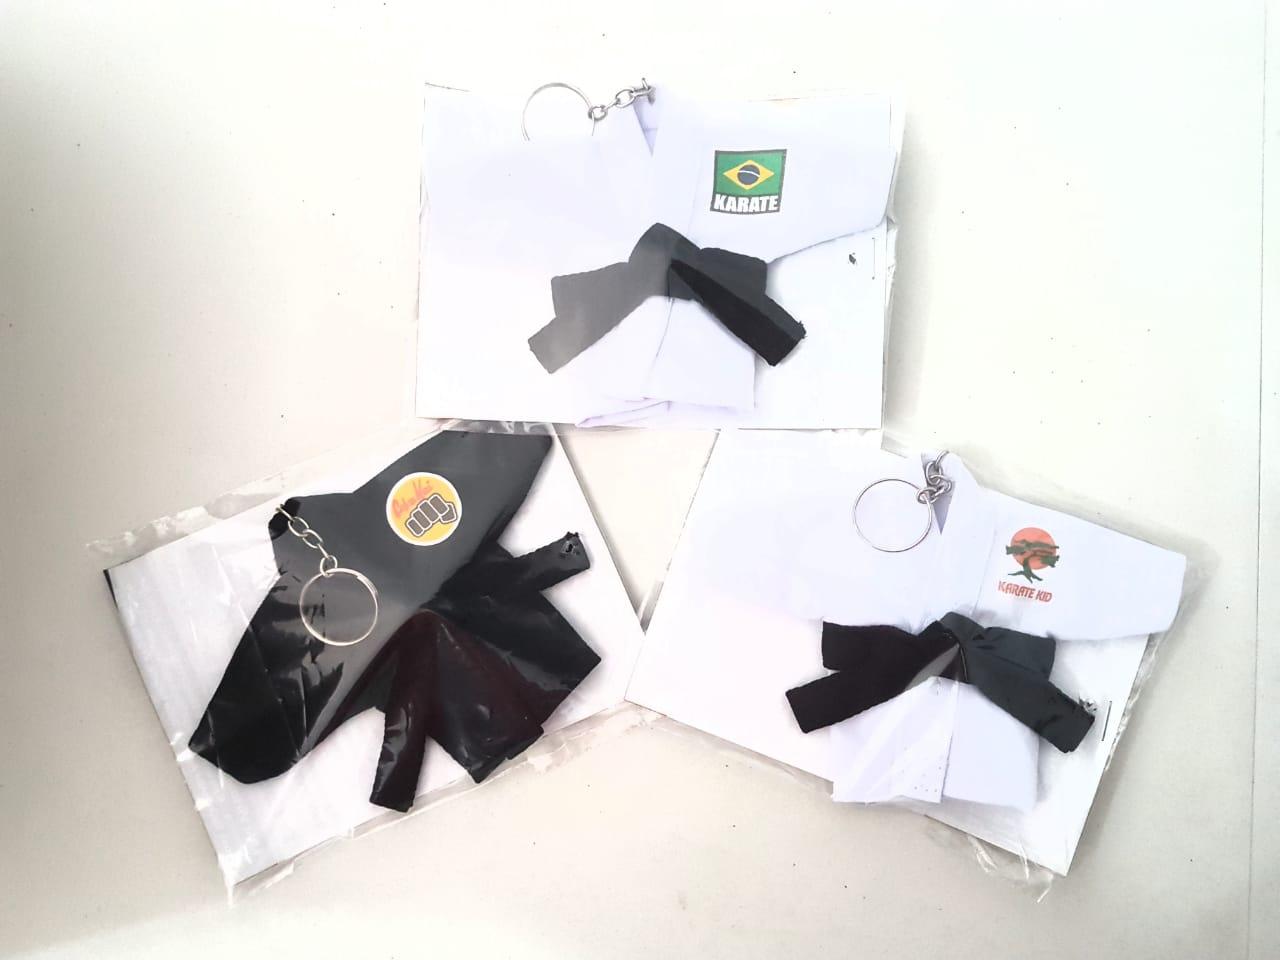 Mini Kimoninho Karate Kid Combo 3 unidades versão 1